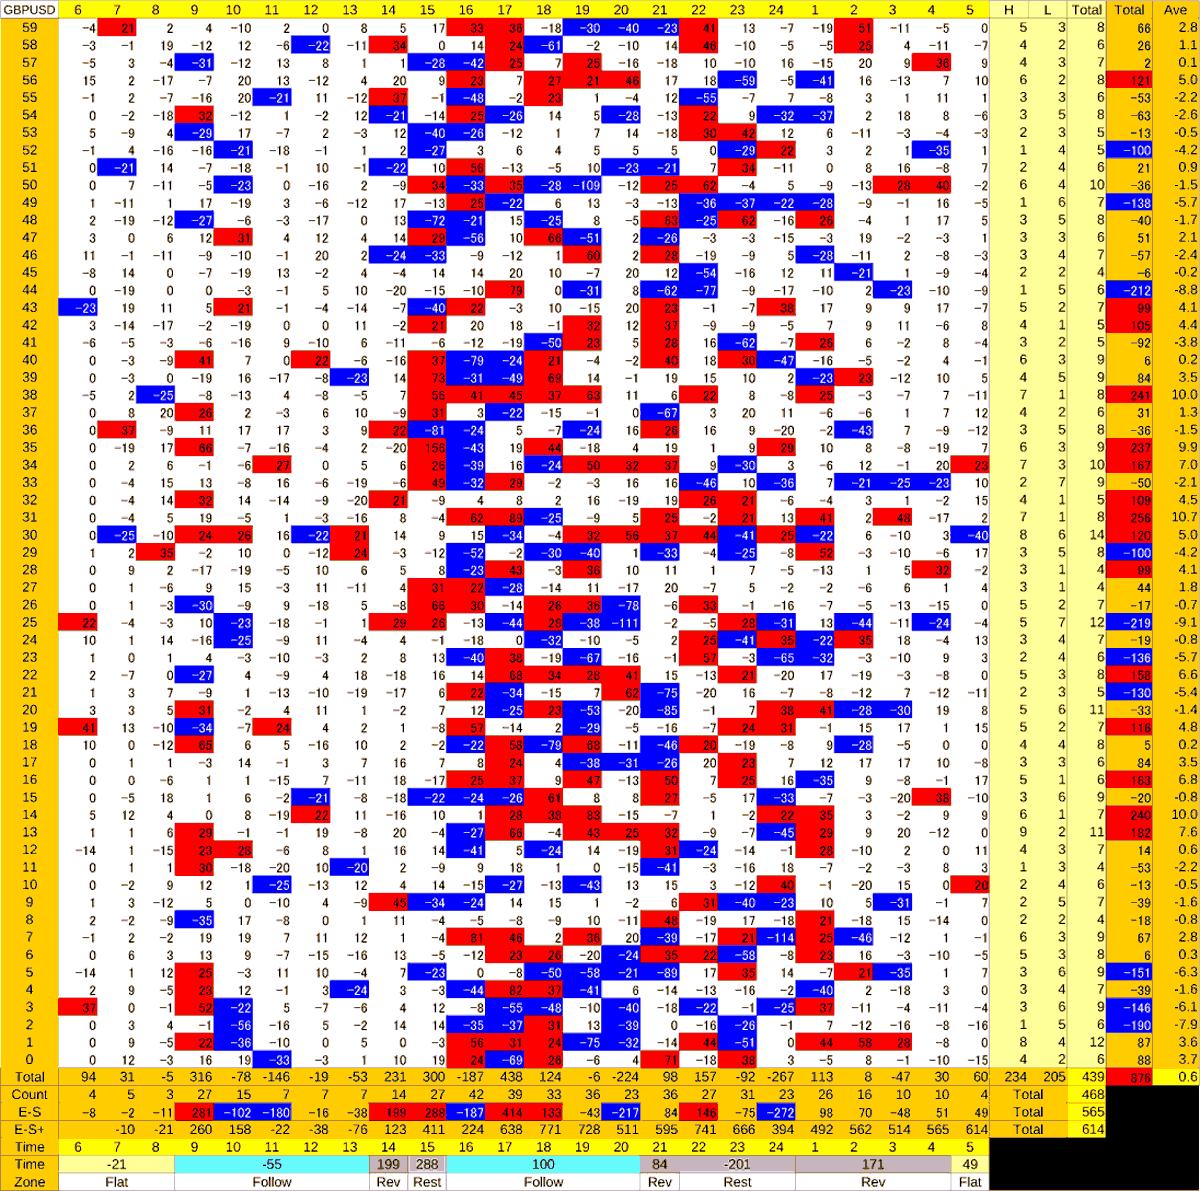 20200602_HS(2)GBPUSD